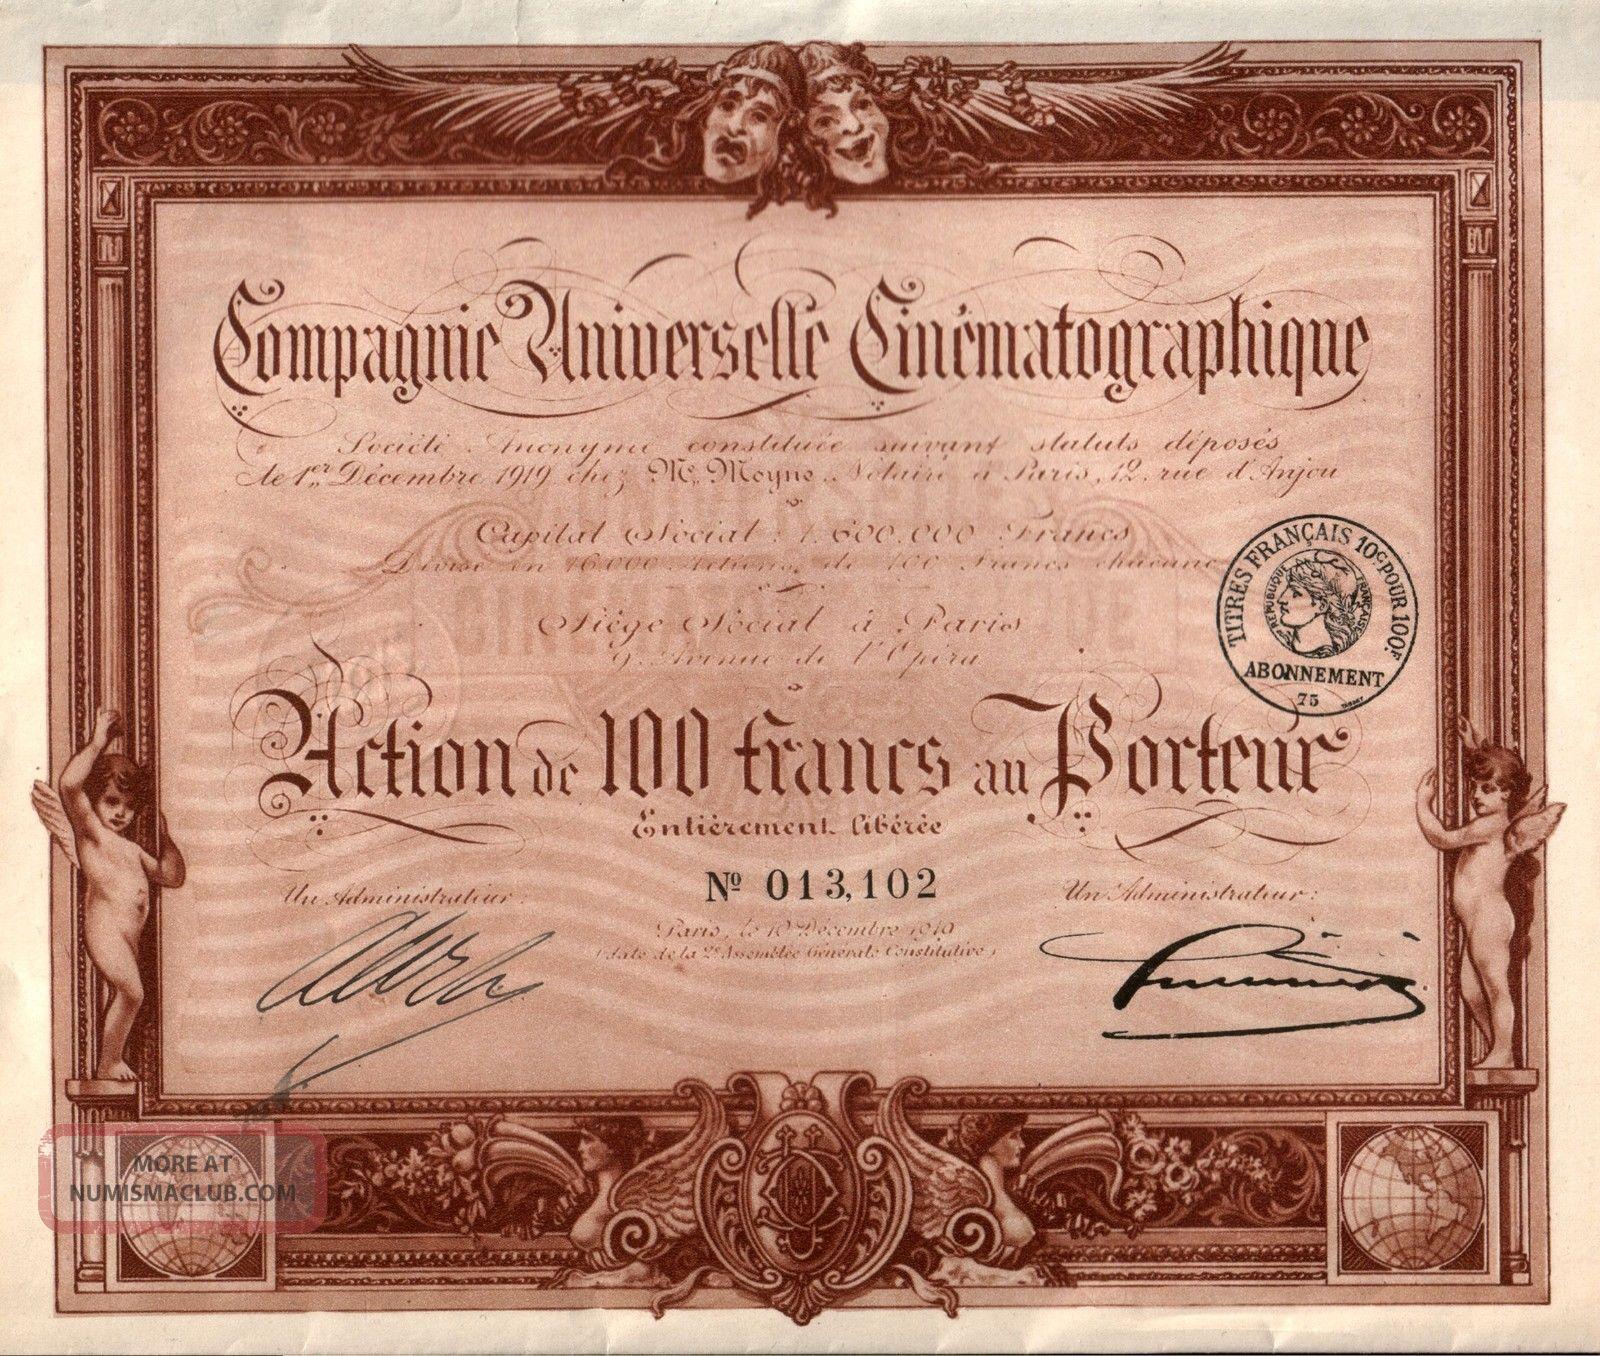 Sepia Tone 1910 Art Nouveau French Film Co Bond W Coupons Retail Val $150 Stocks & Bonds, Scripophily photo